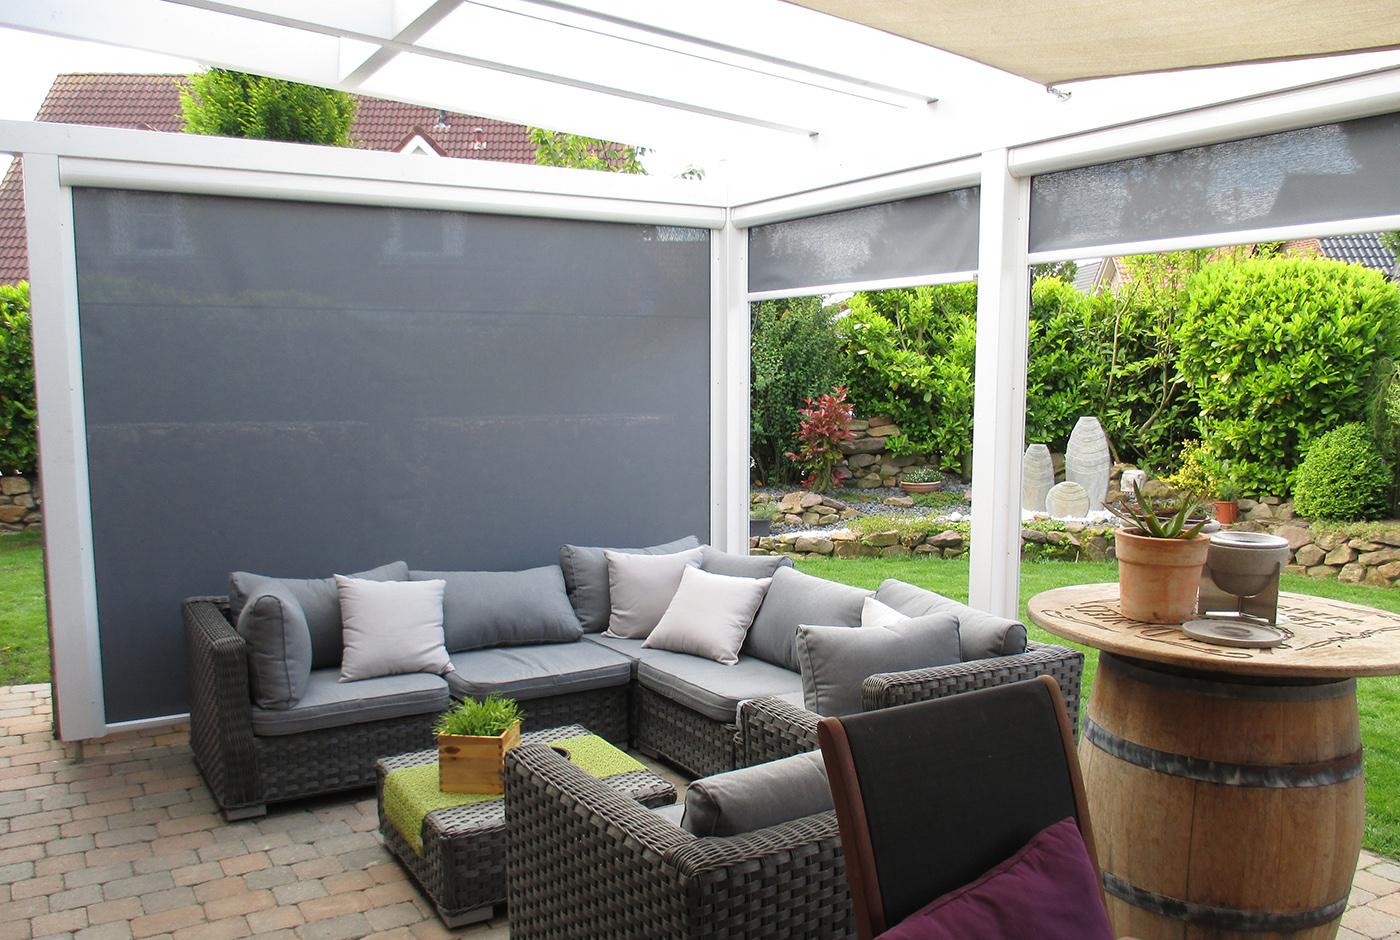 10 Ideen Fur Den Passenden Sichtschutz Auf Terrasse Und Balkon